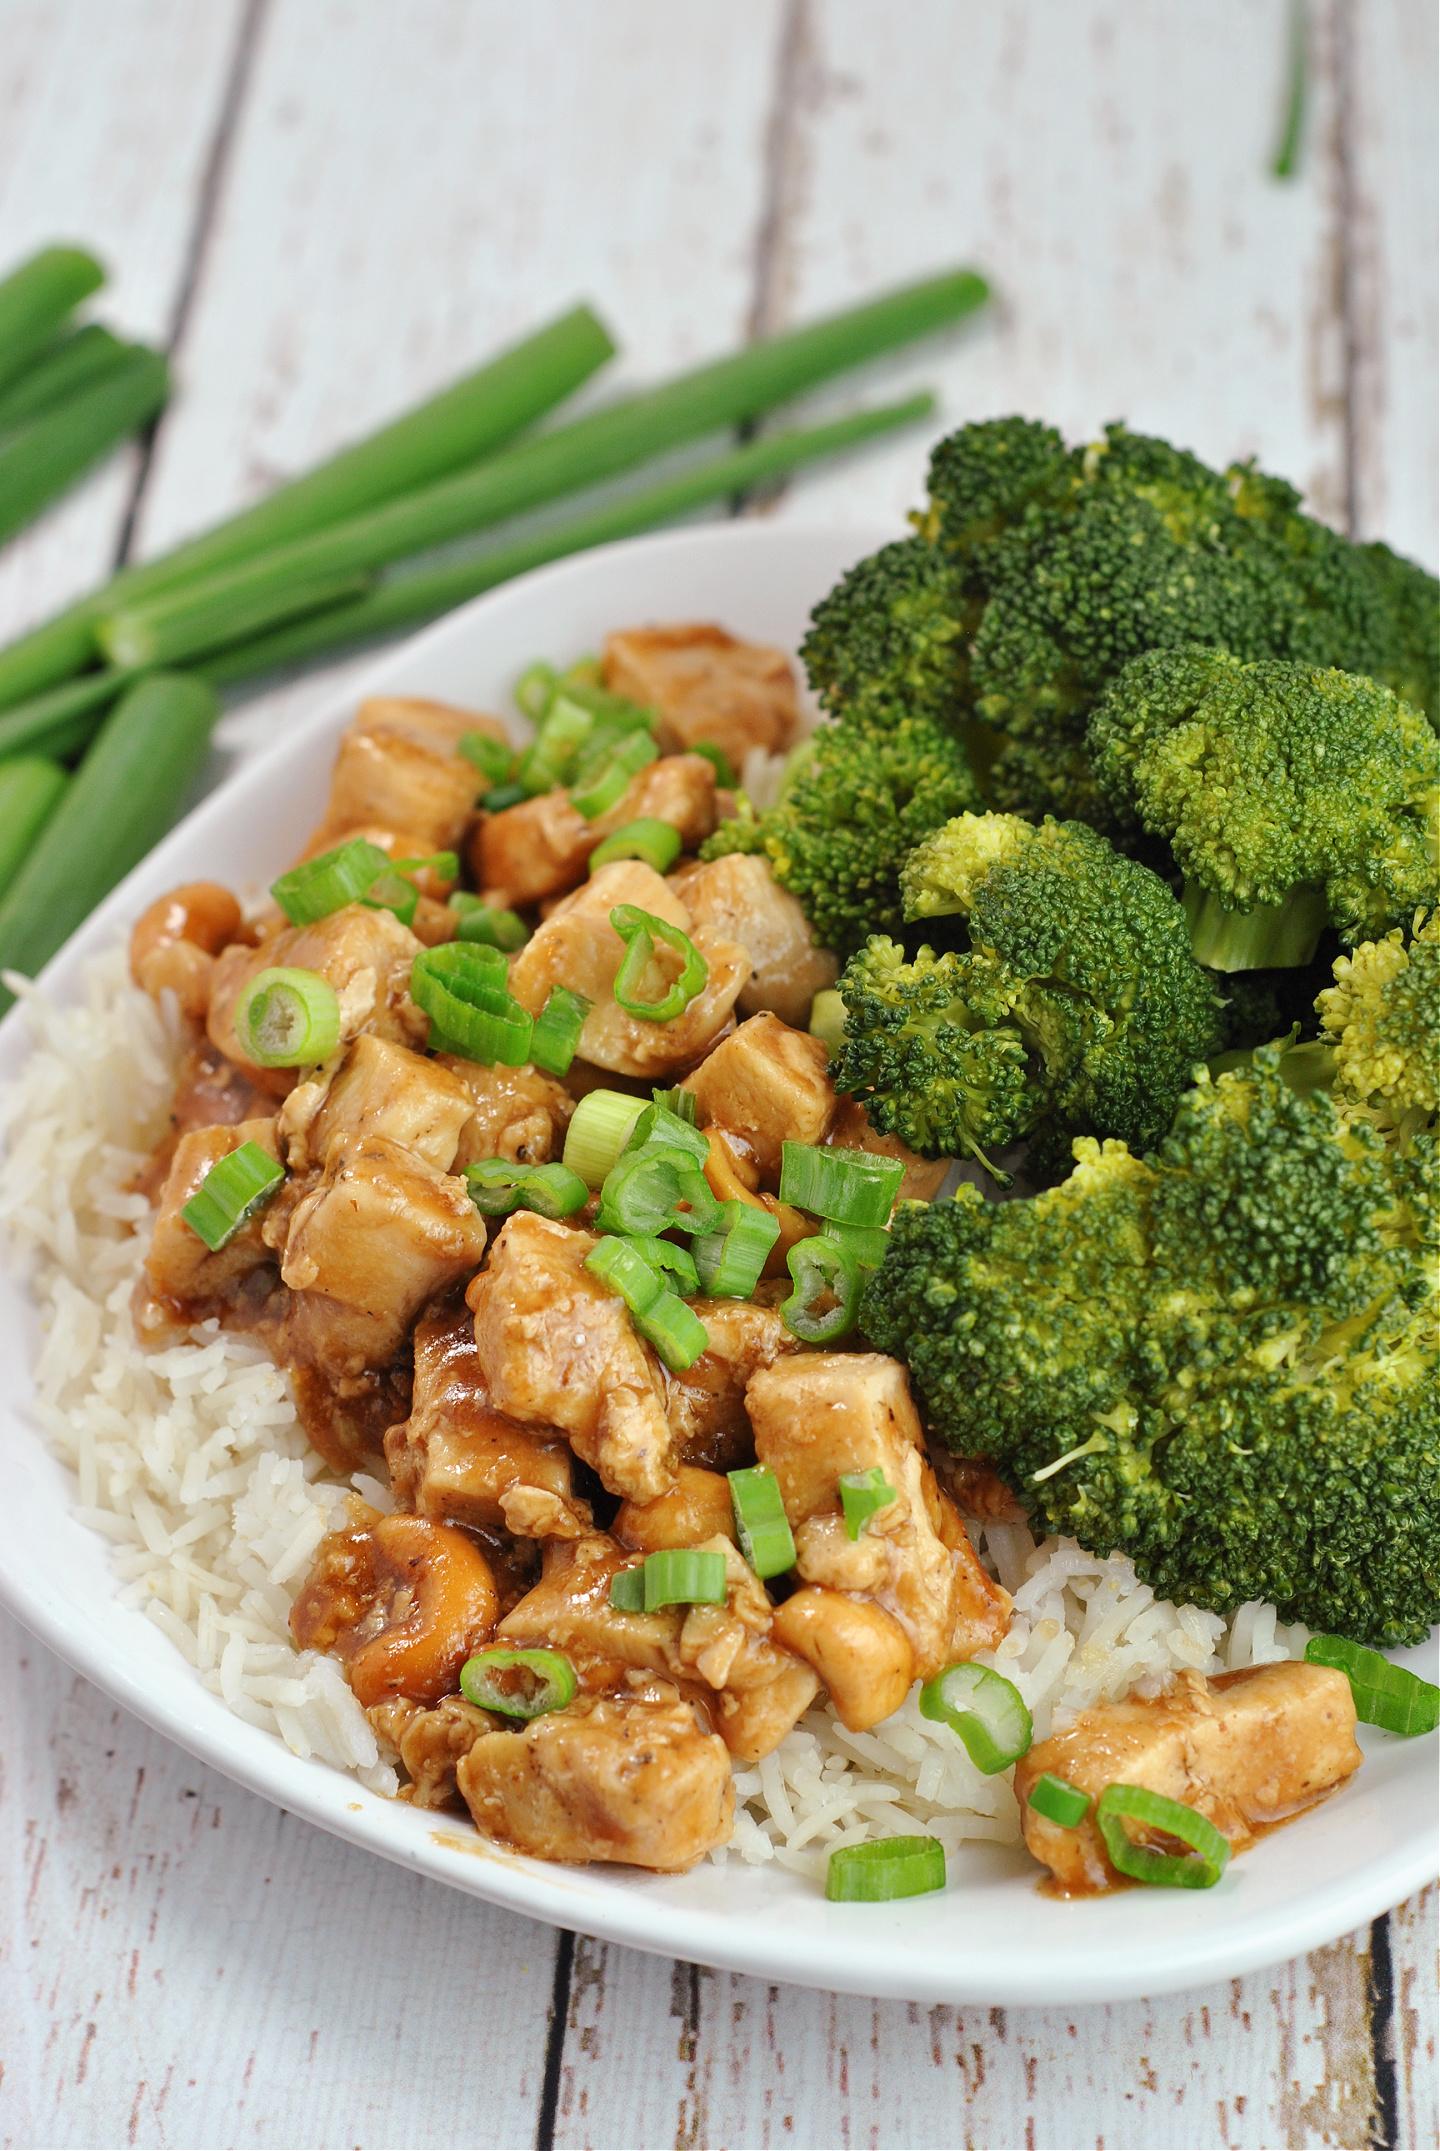 Cashew Chicken via @preventionrd